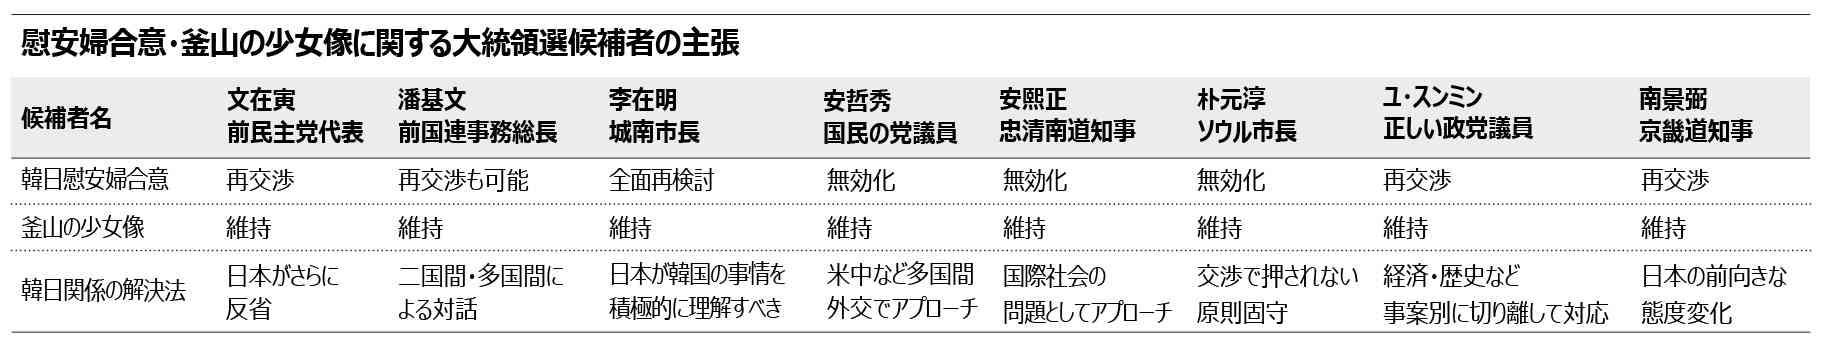 慰安婦:韓日関係改善、日本に反省を求める韓国大統領選有力候補者たち-Chosun online 朝鮮日報